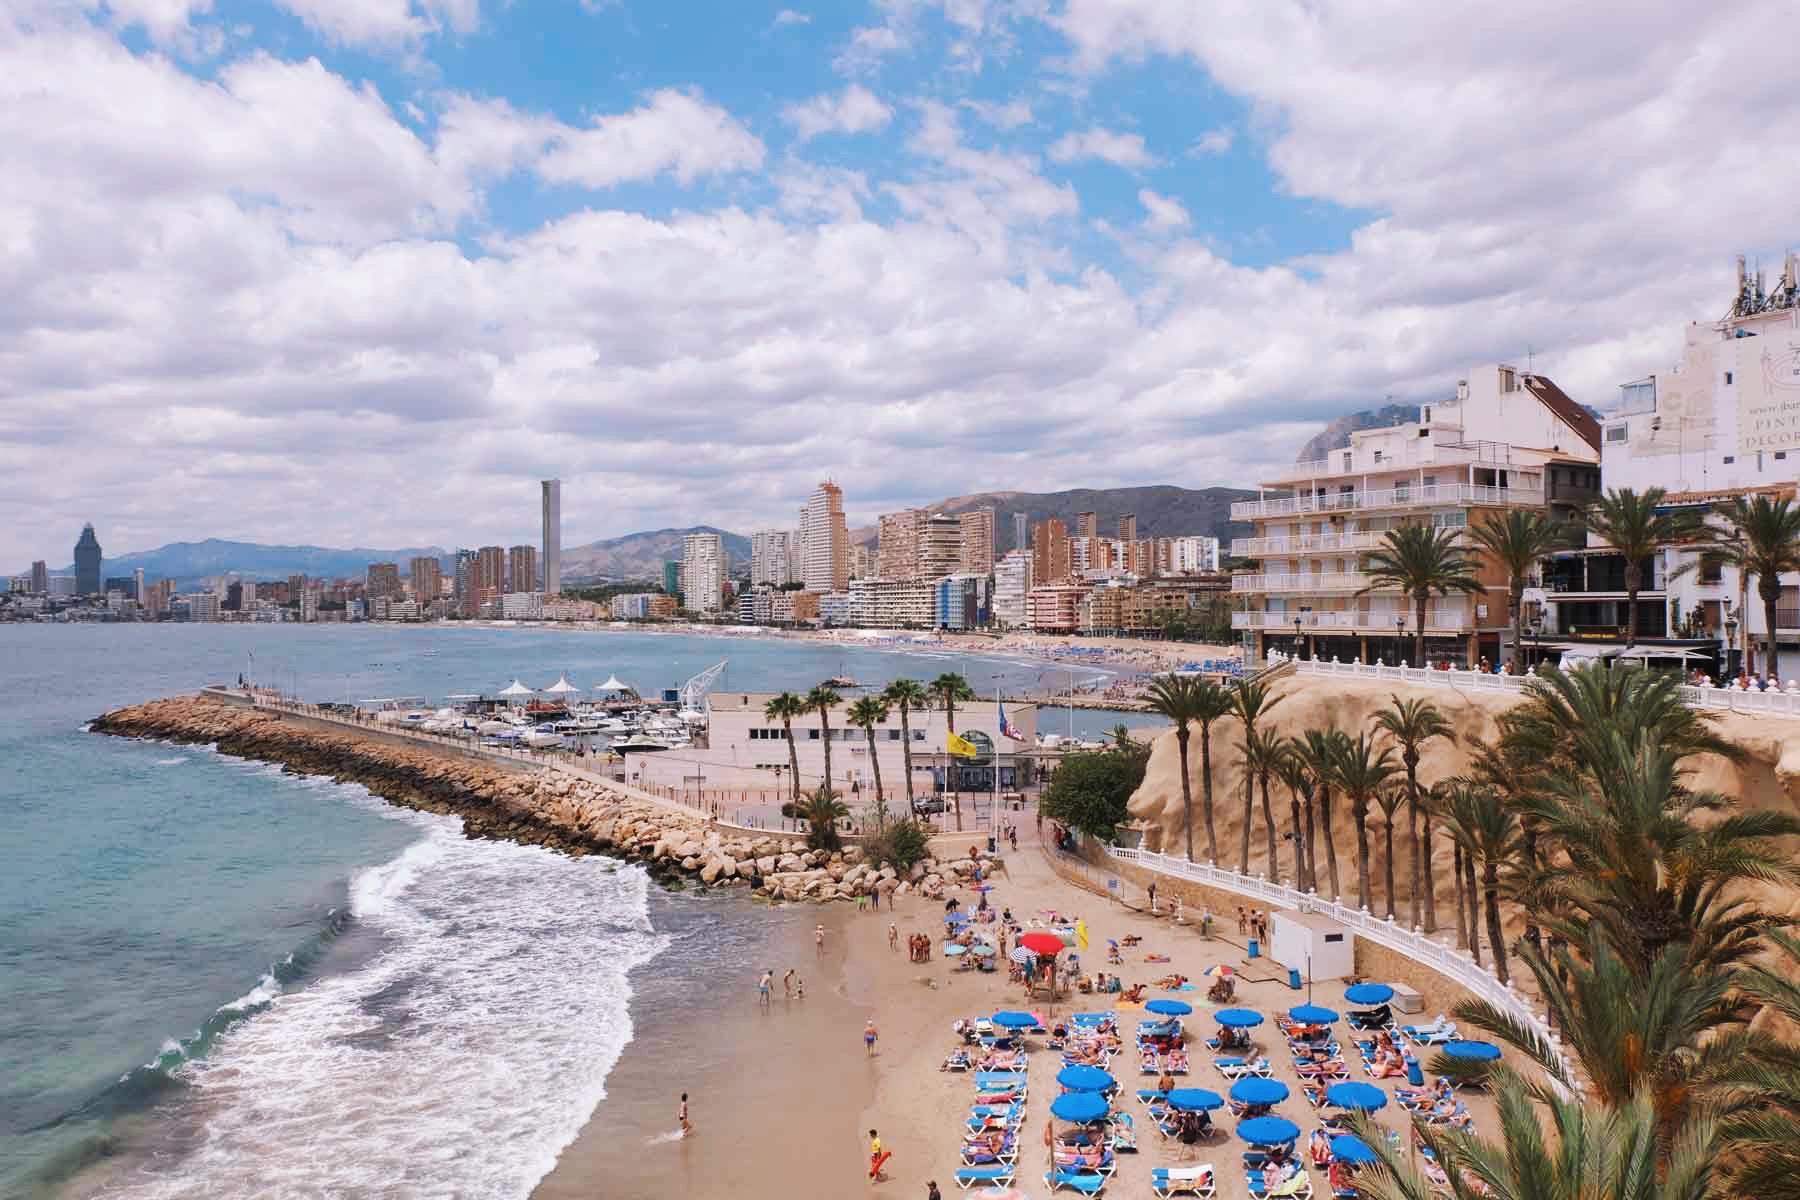 Playa de Poniente on a cloudy day.